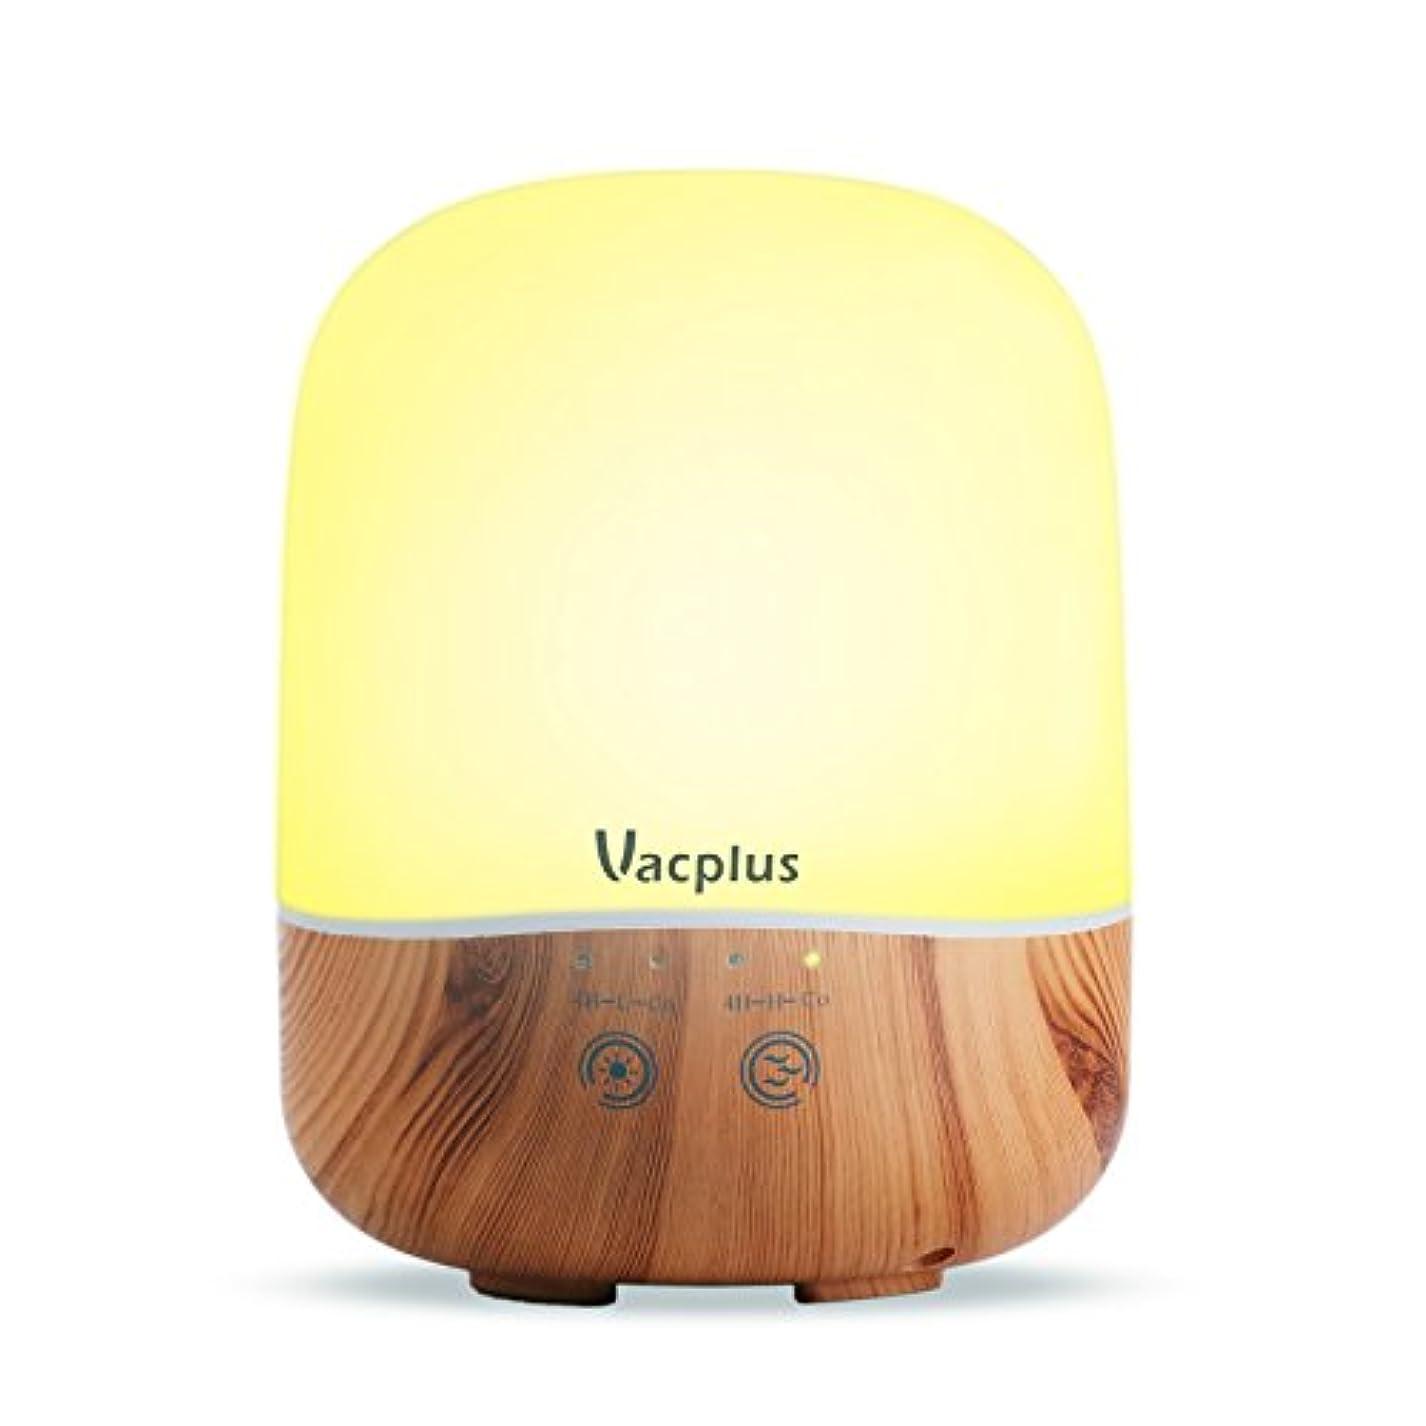 怠今後会うVacplus アロマディフューザー 加湿器 300ml大容量 超音波式 卓上加湿器 七色変換LEDライト 空焚き防止機能(木目調)